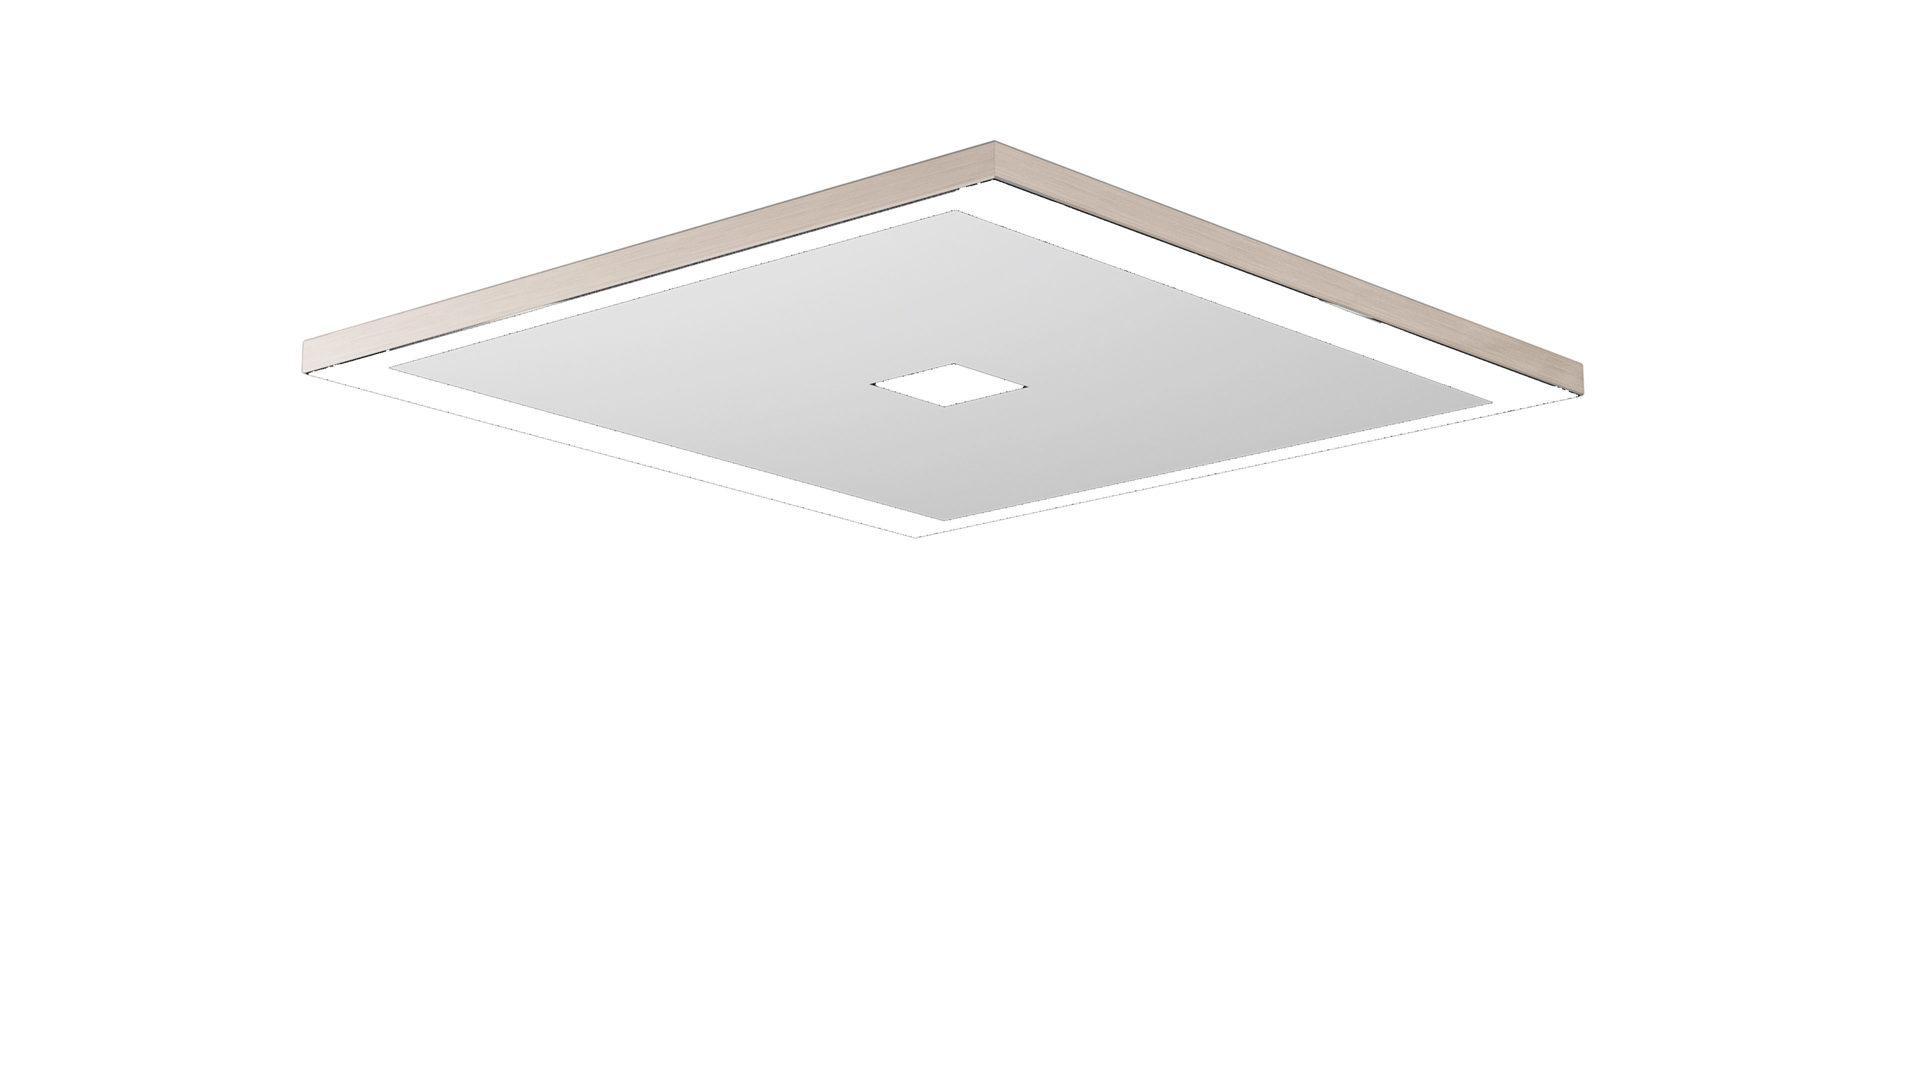 Wunderbar ... Räume | Badezimmer | Lampen + Leuchten | EVOTEC LED Deckenleuchte | In  Metallfarben, EVOTEC LED Deckenleuchte, Evotec, Aluminium U0026 Nickel Gebürstet,  ...